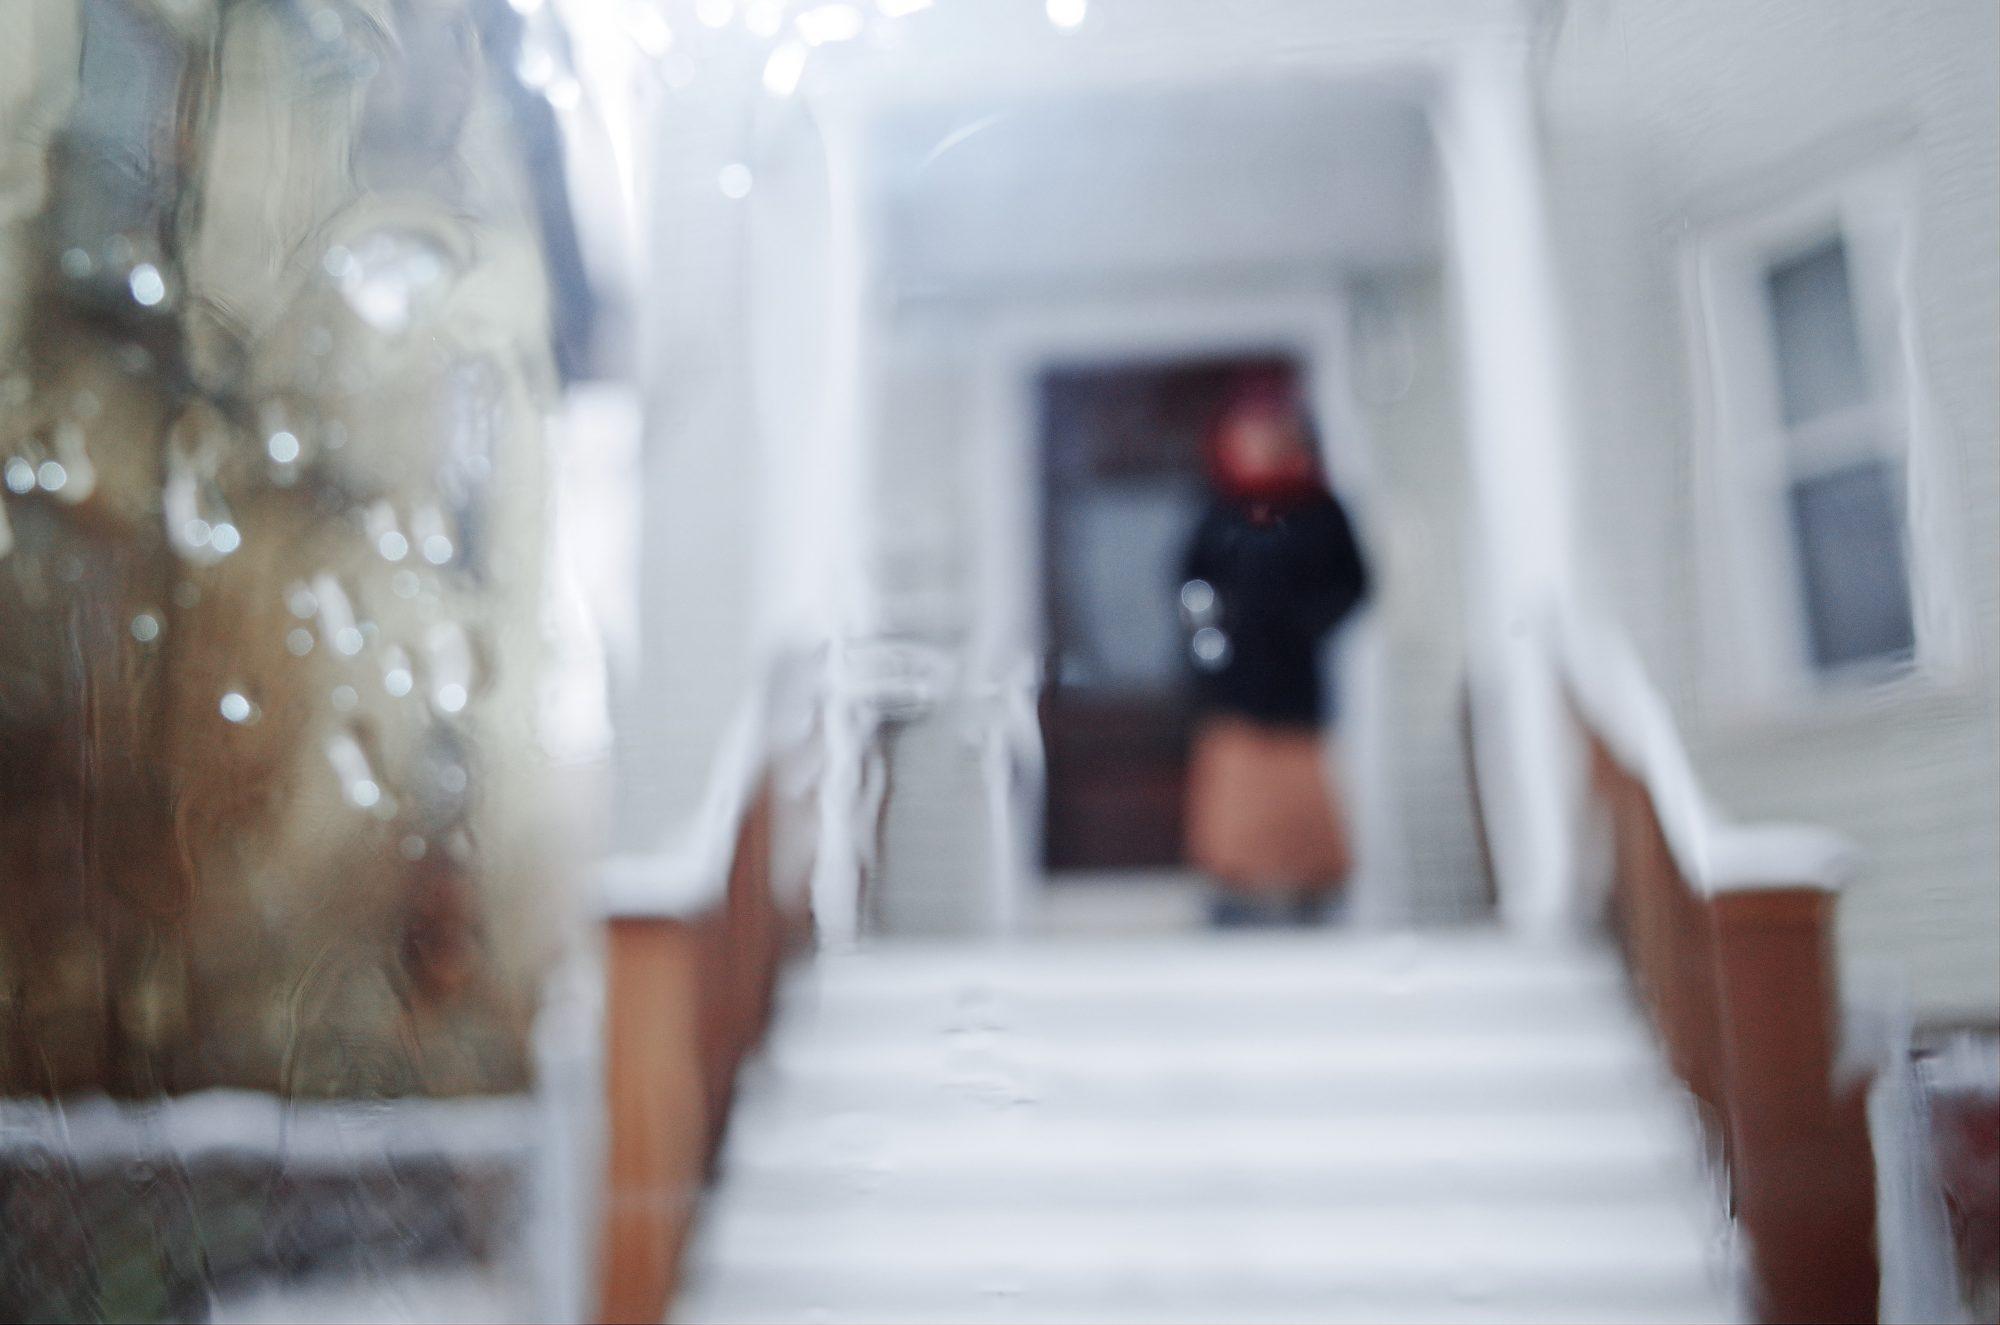 Blurry Cindy shot through foggy car window. Boston, 2018